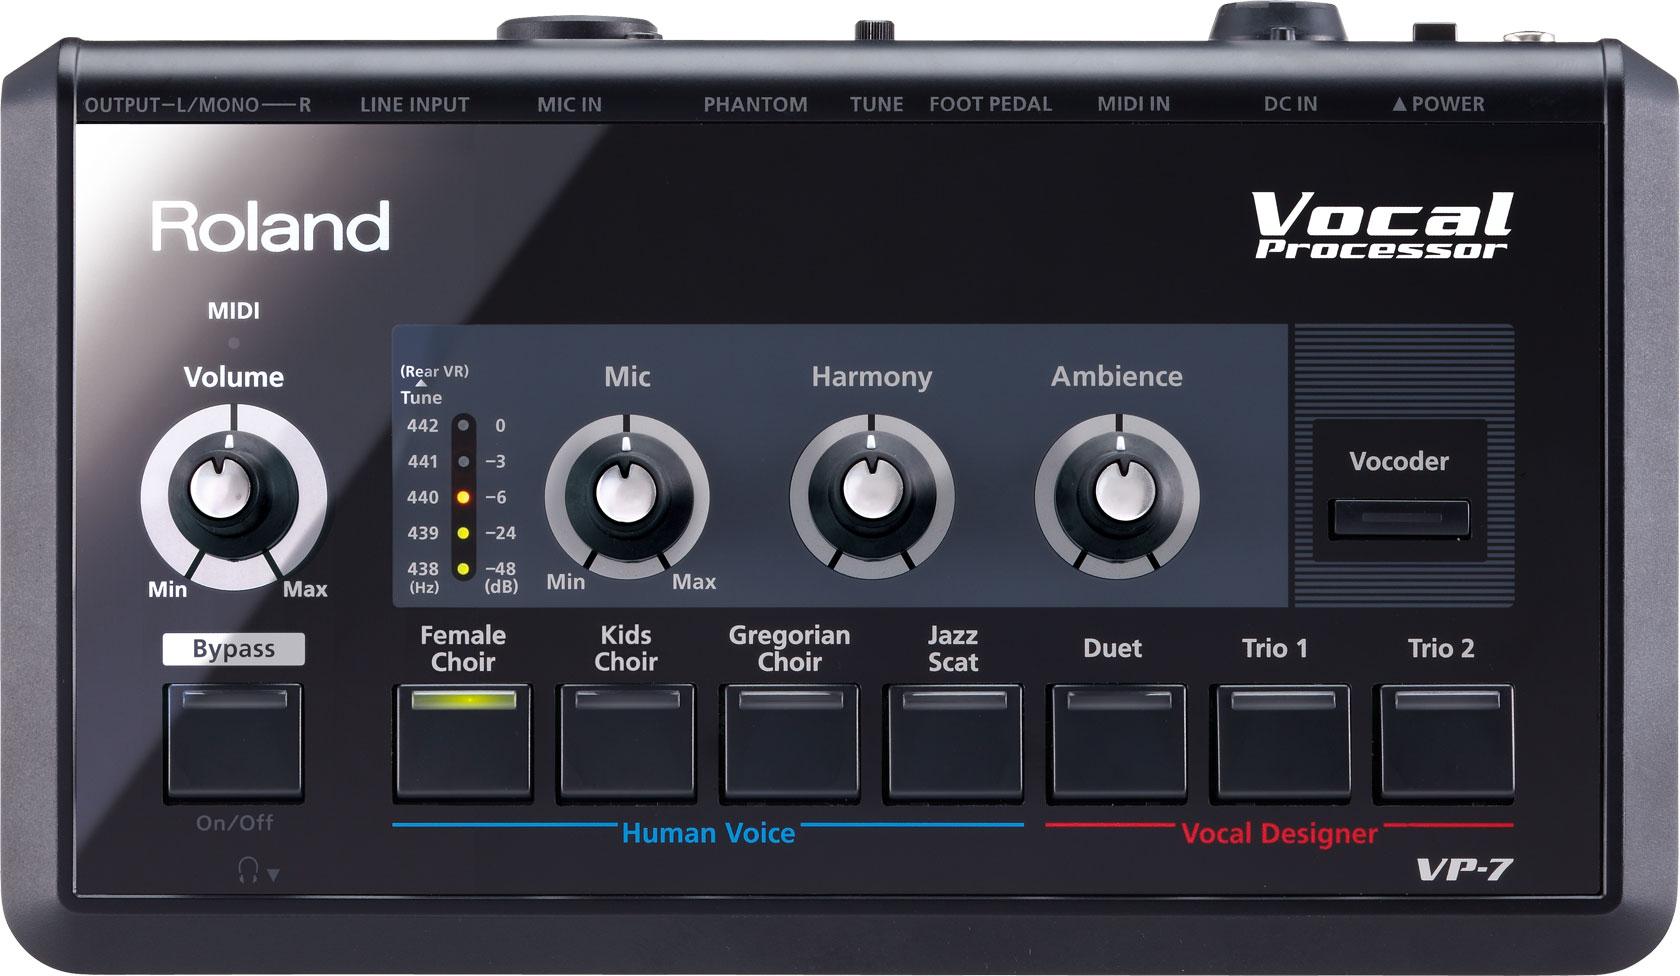 VP-7 | Vocal Processor - Roland